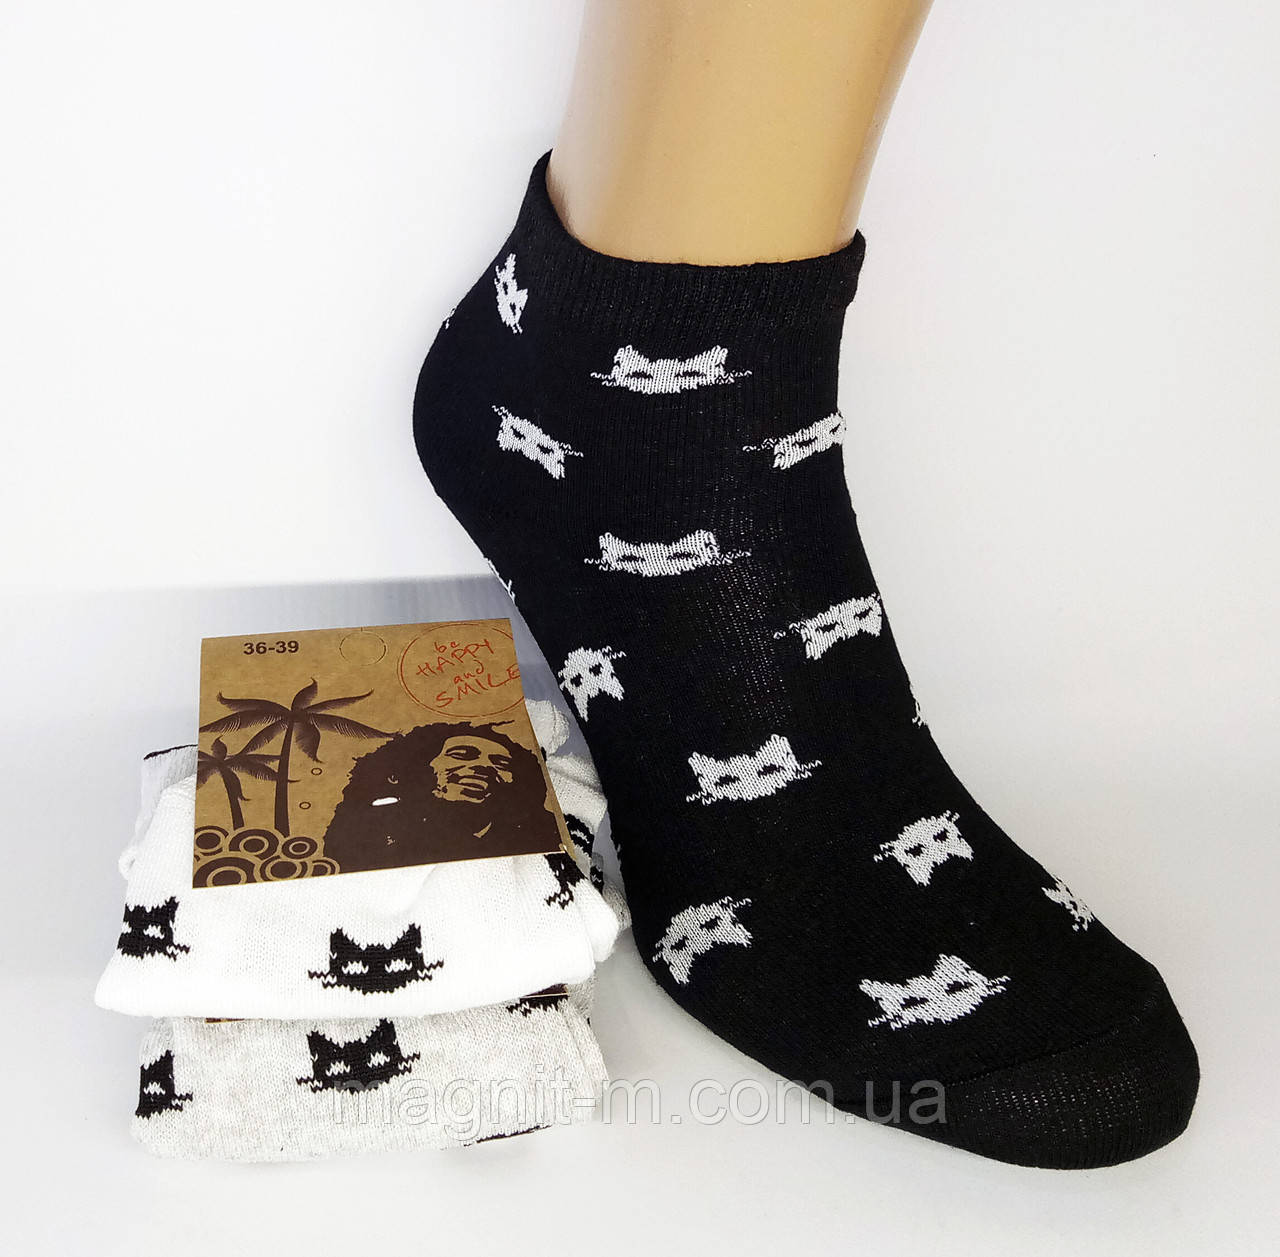 Літні укорочені жіночі шкарпетки. Котики. (Роздріб).